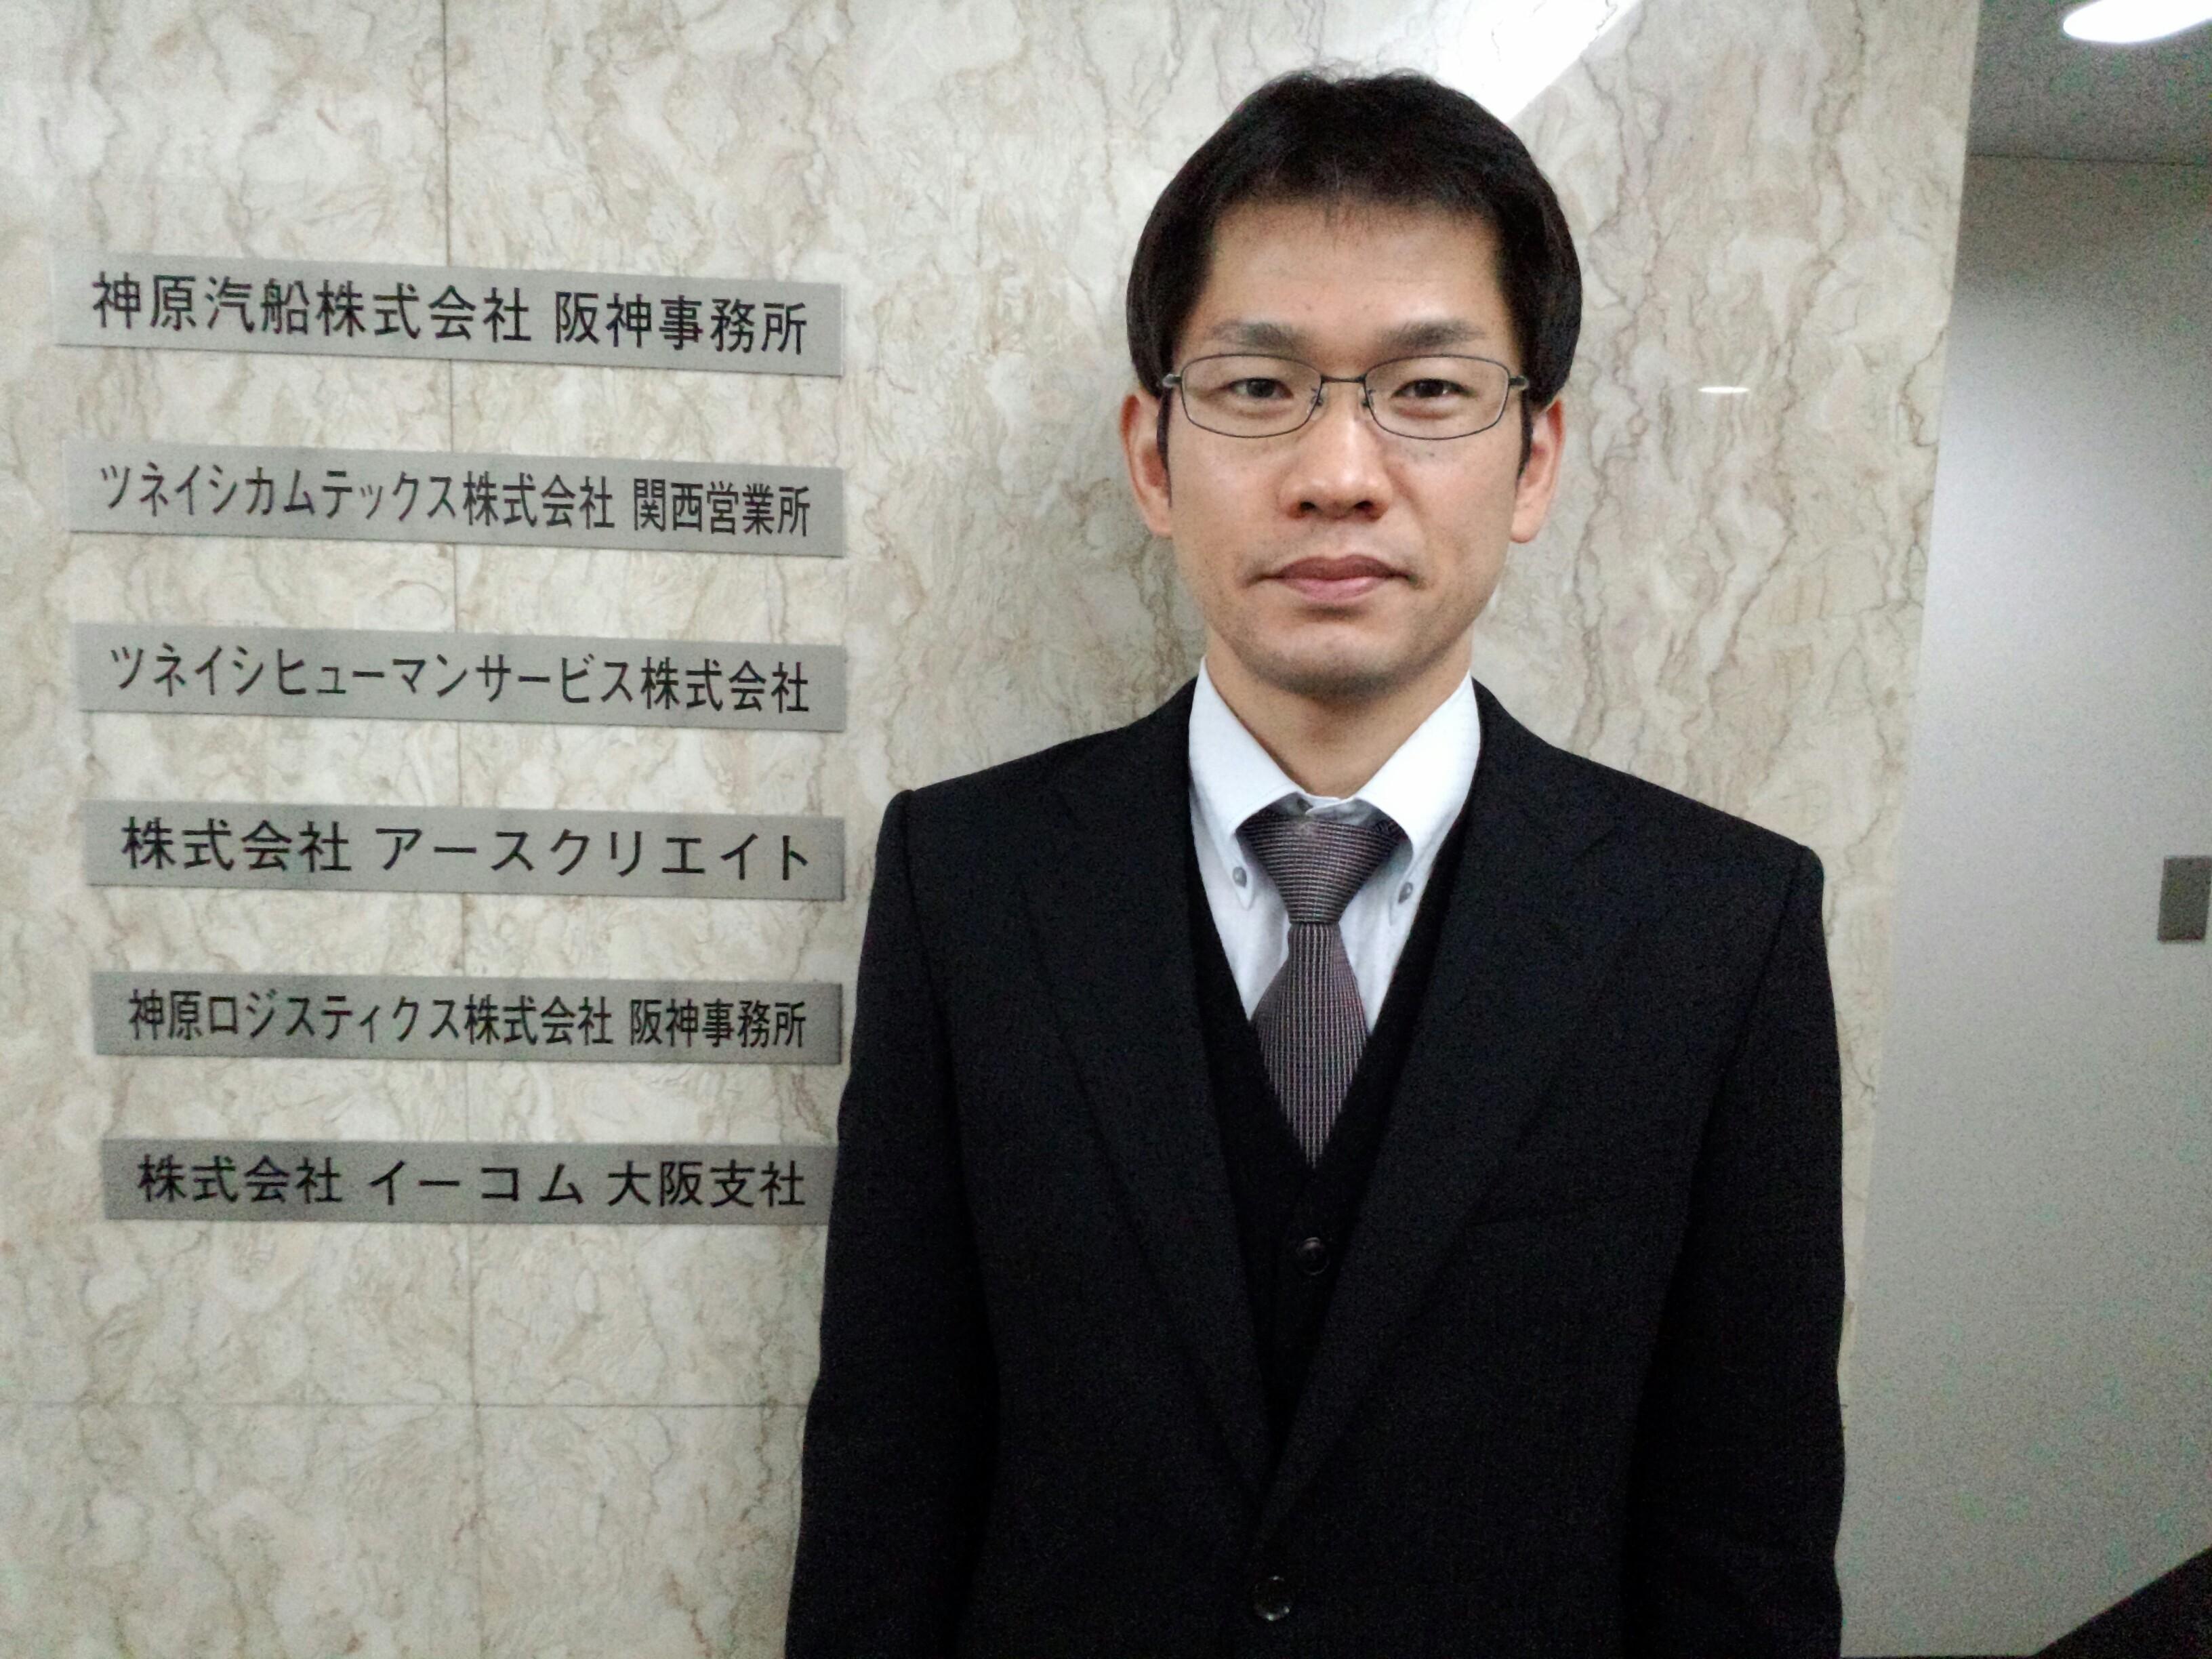 神原ロジスティクスが阪神事務所を開設-神原汽船との連携で陸路と海路を活用し多様なニーズへの対応を実現